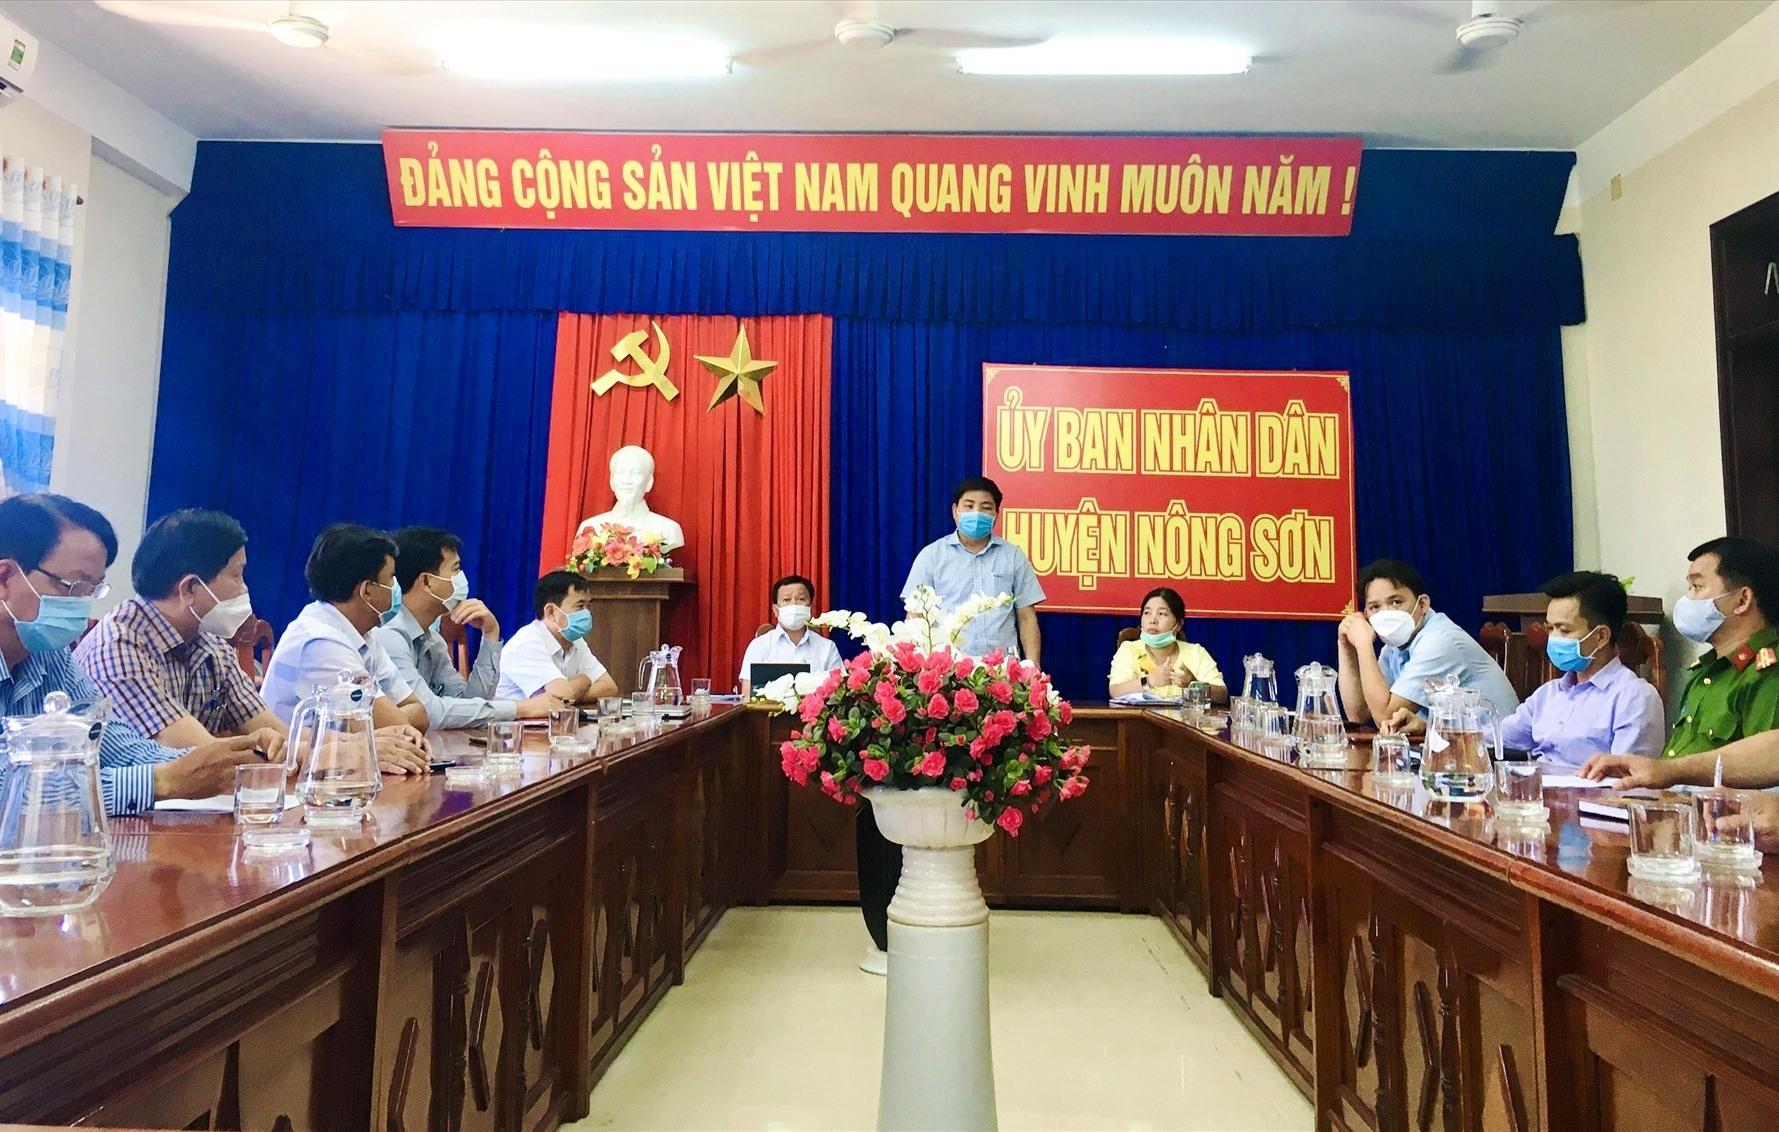 Quang cảnh cuộc họp Ban chỉ đạo phòng chống dịch bệnh Covid-19 huyện Nông Sơn. Ảnh: TÂM LÊ